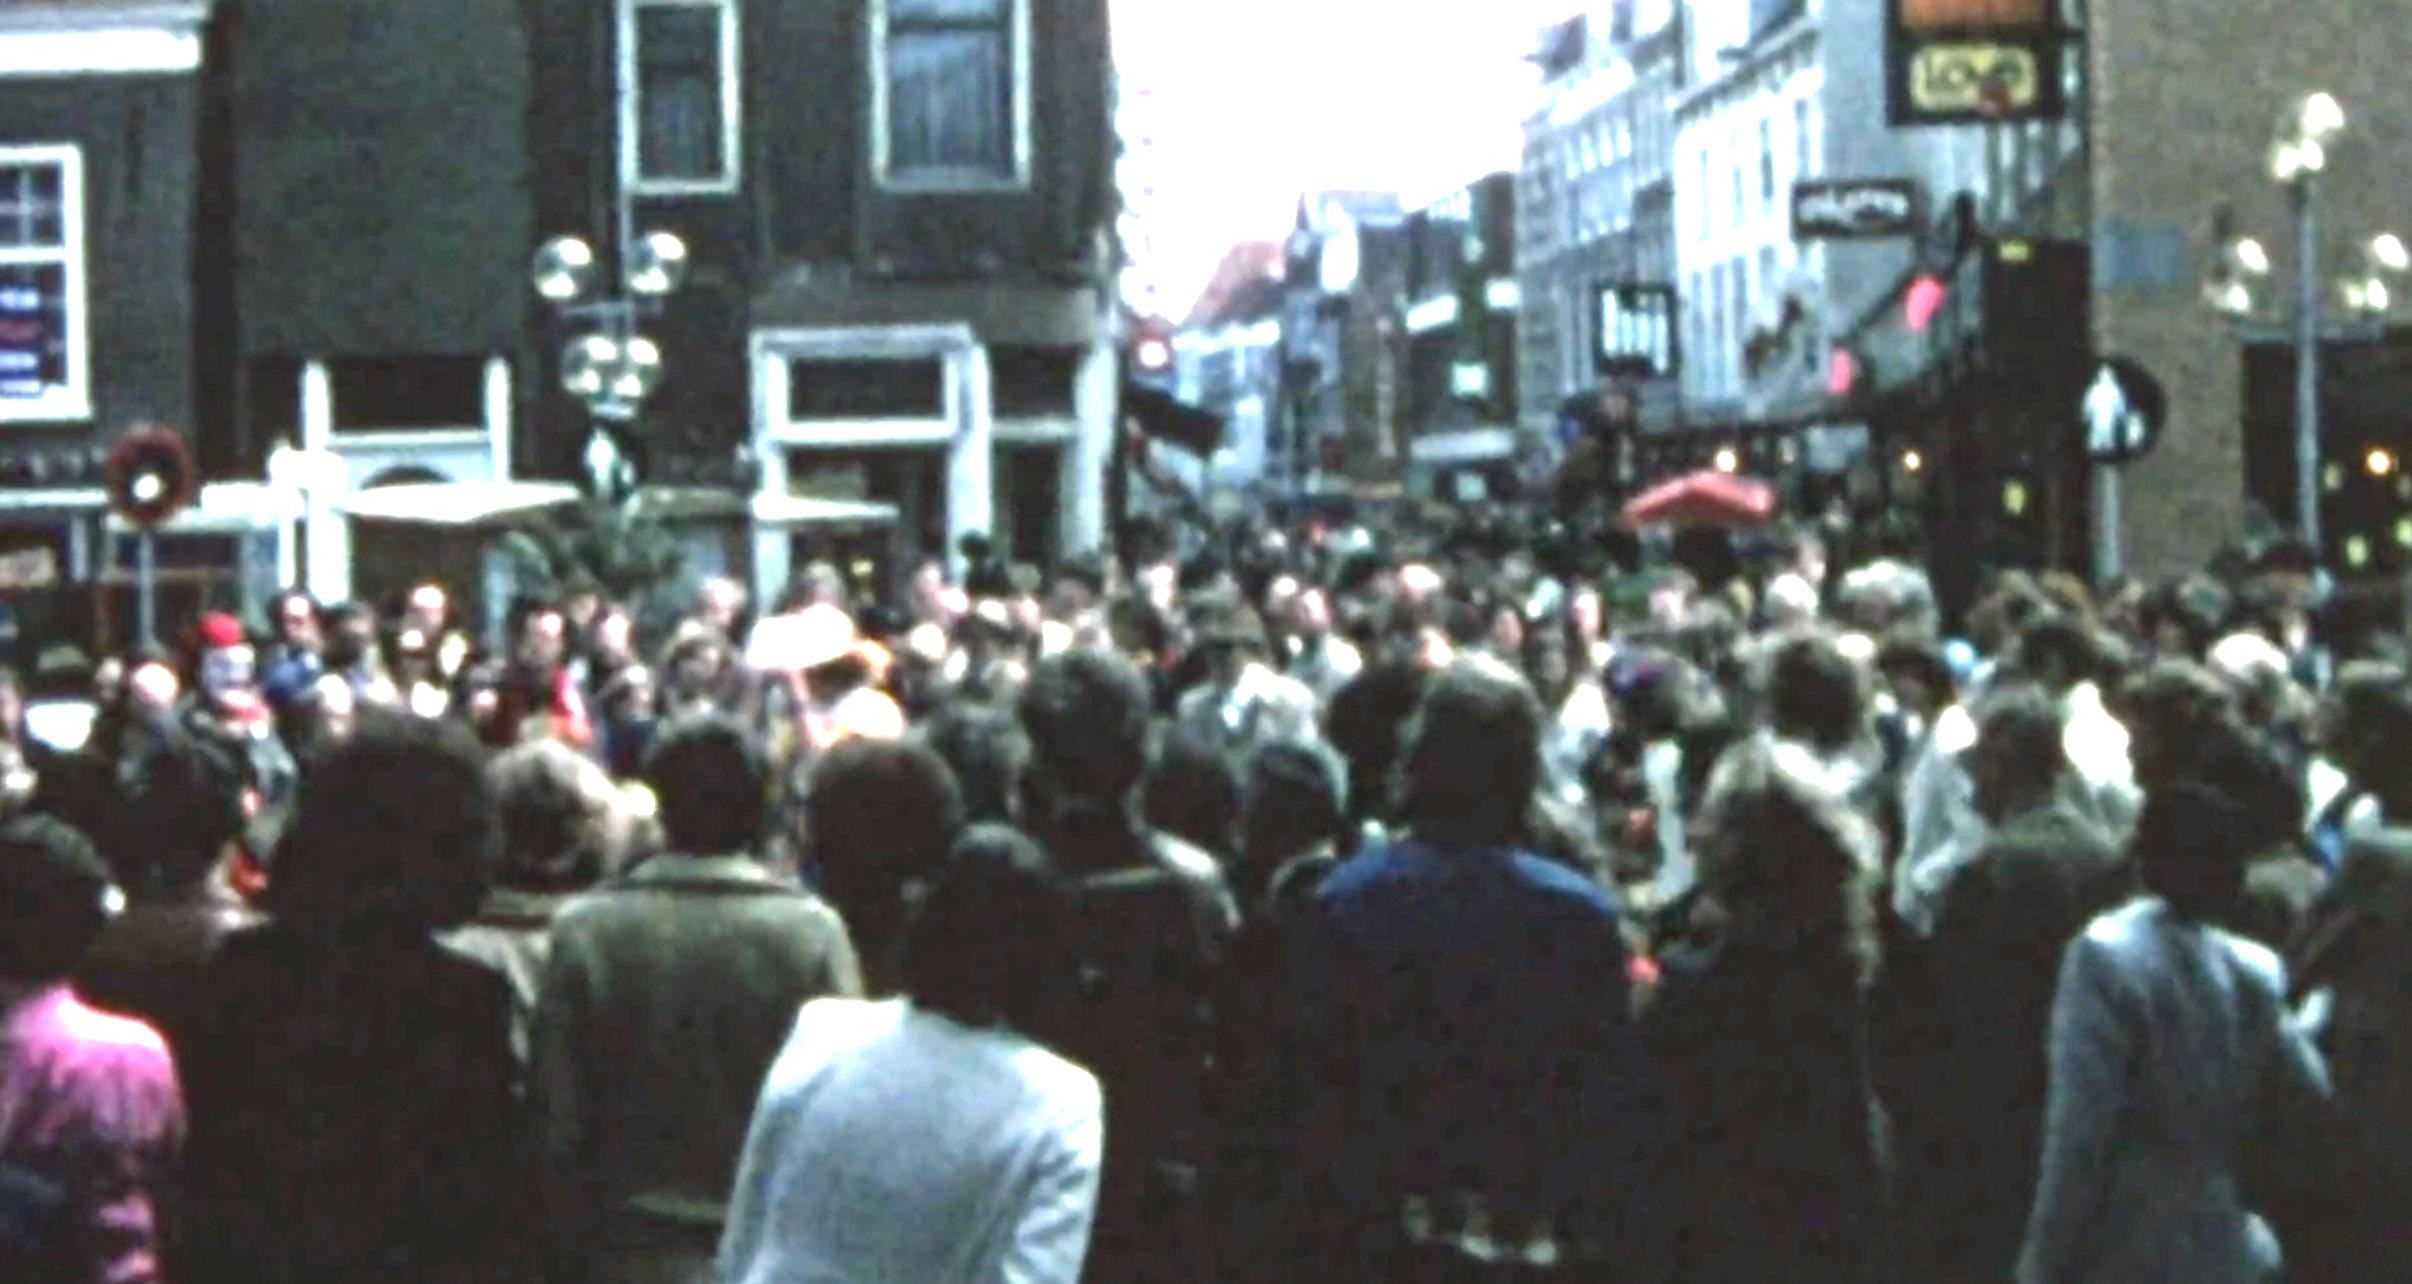 Bewegend Verleden: Zomer in Leiden, 1979 [video]